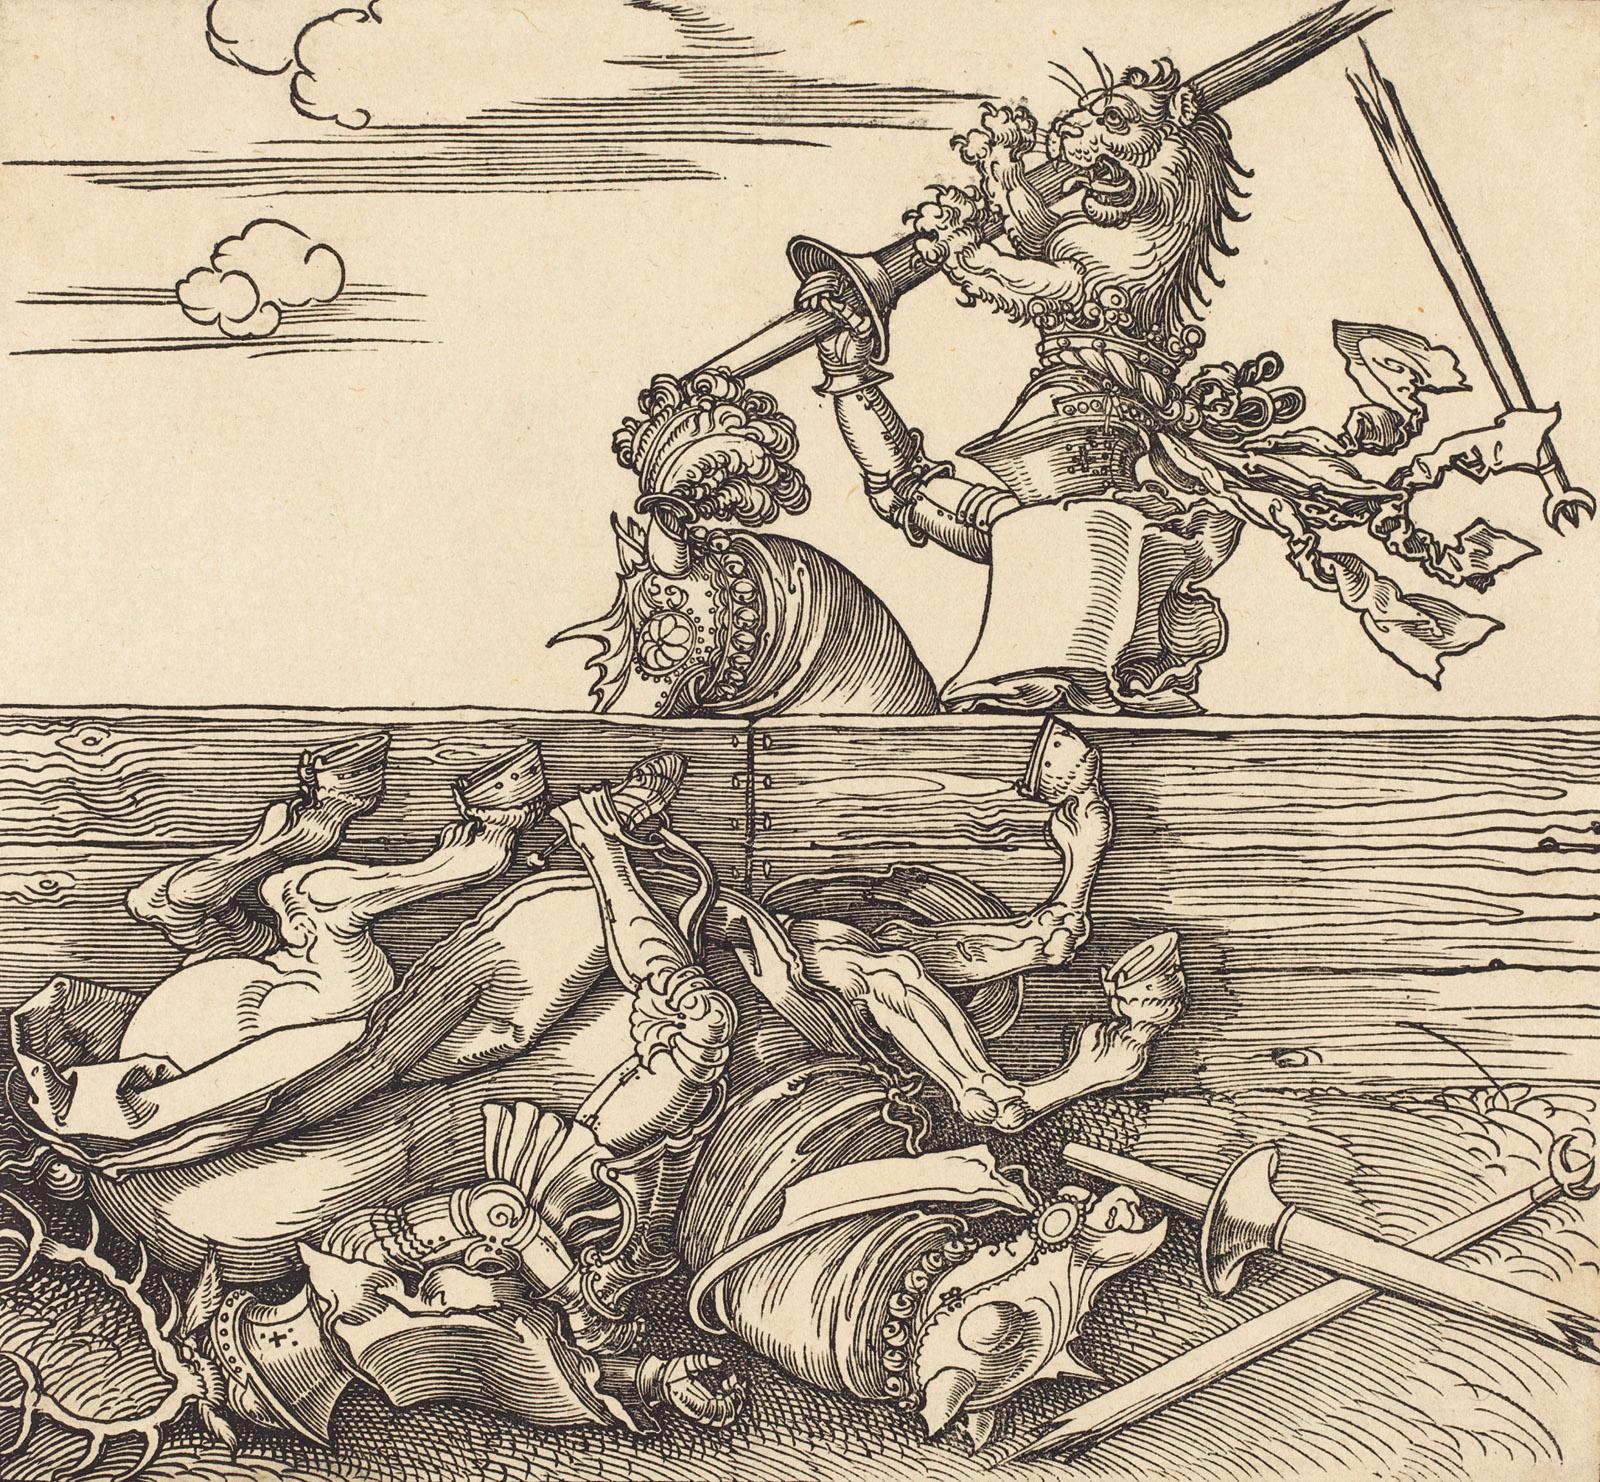 Italian Joust of Peace Between Jacob de Heere and Freydal, circa 1517–1518, drawing by Albrecht Dürer